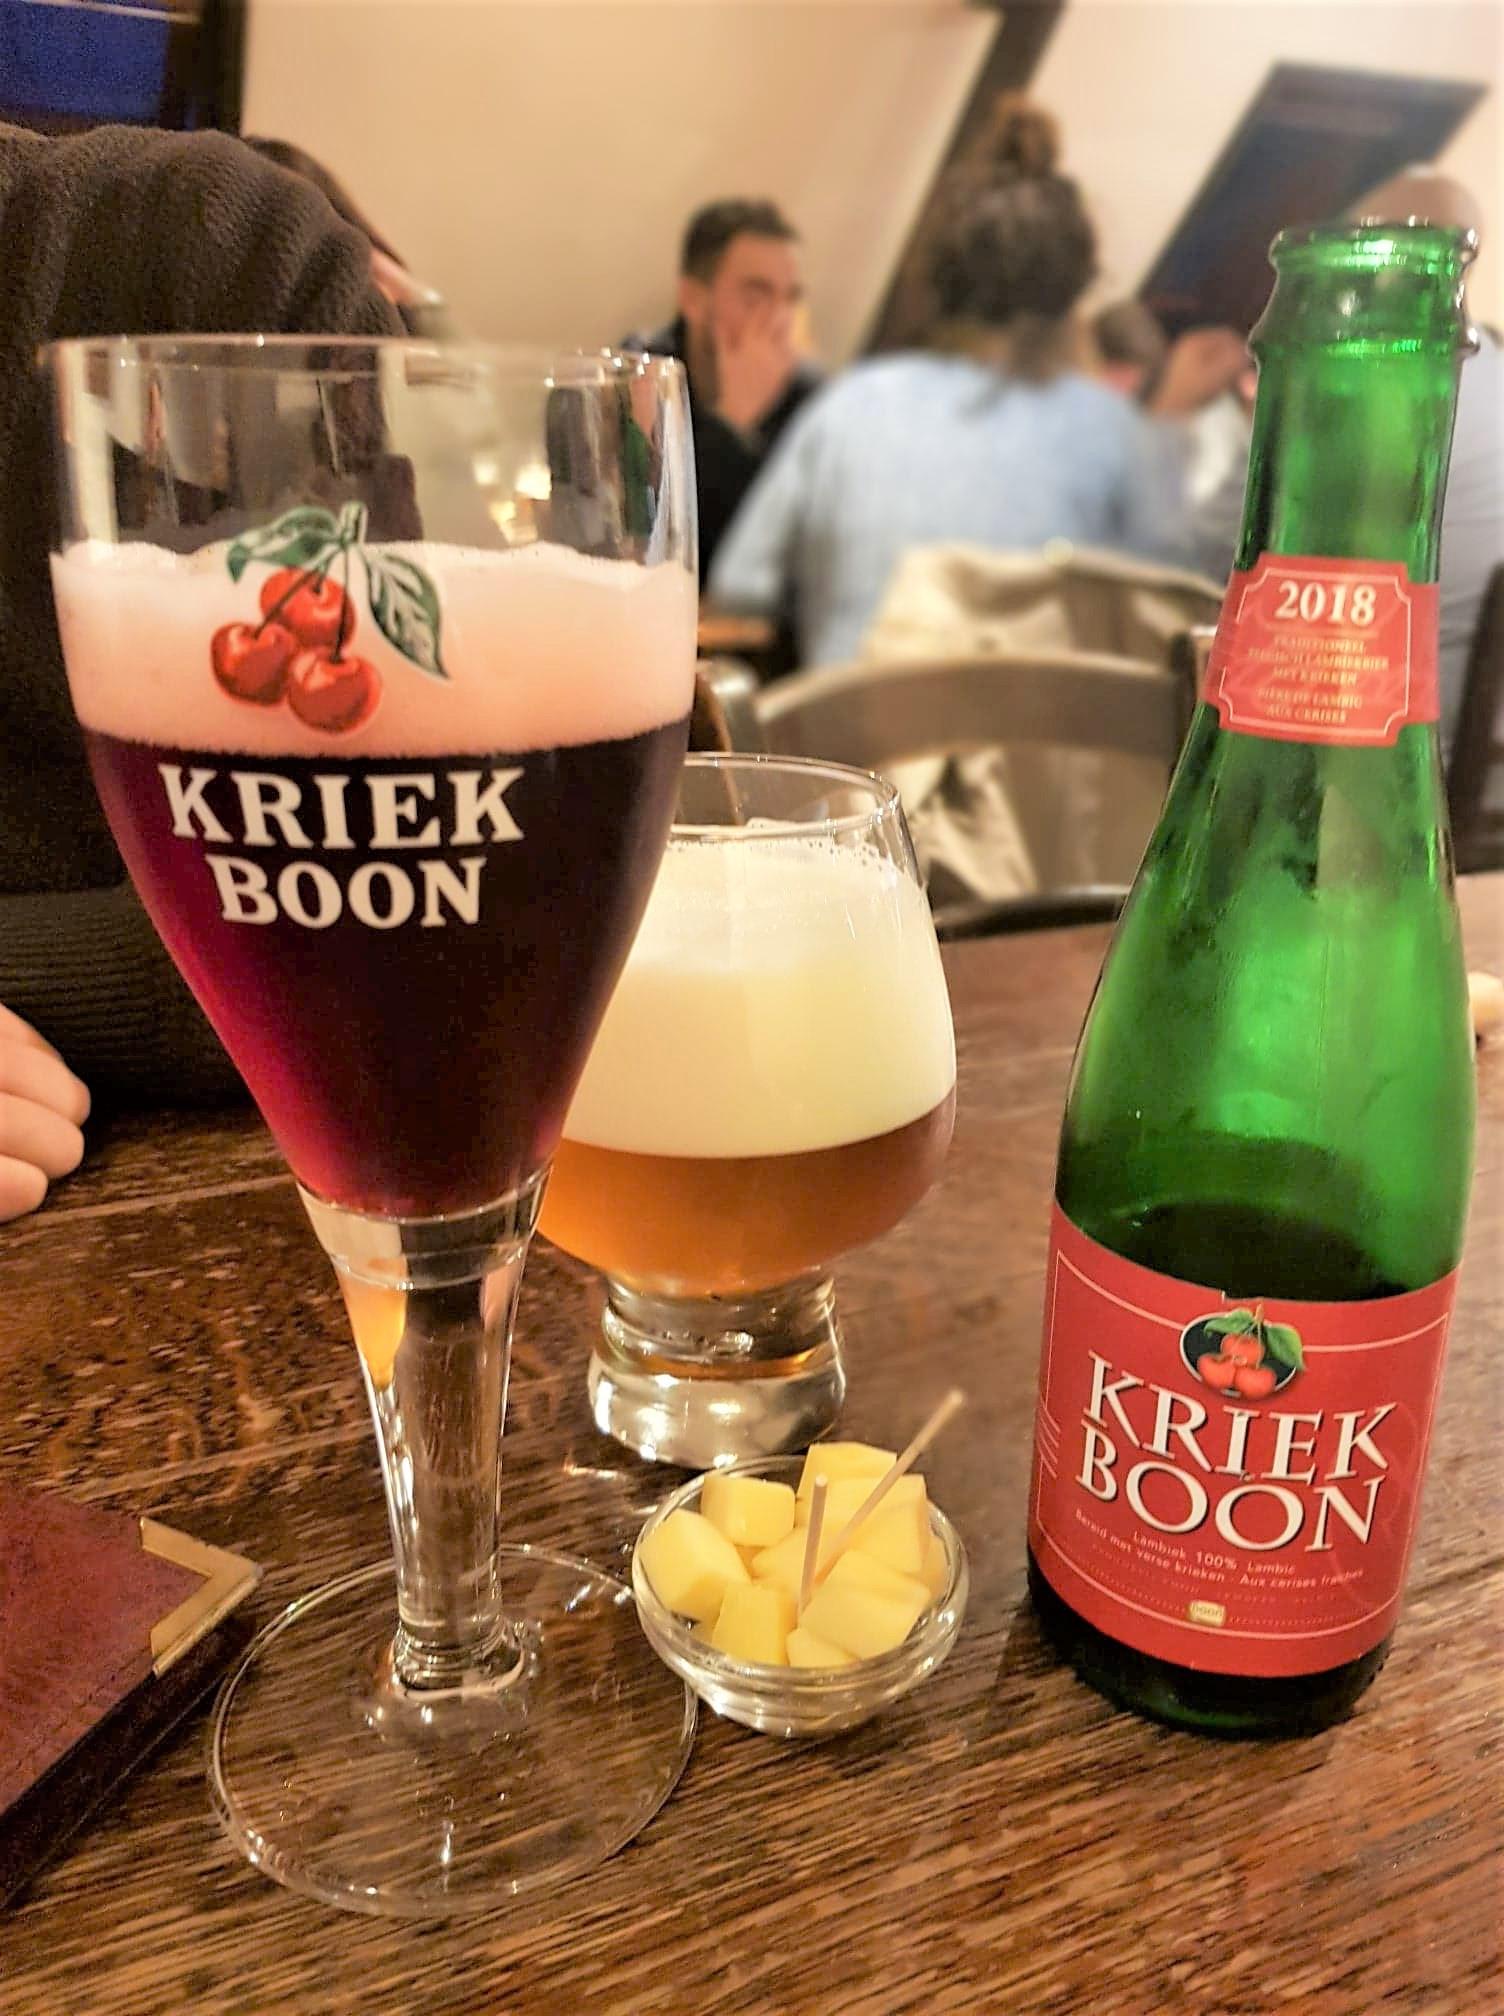 Bruges Belgique Estaminet De Gare voyage clioandco